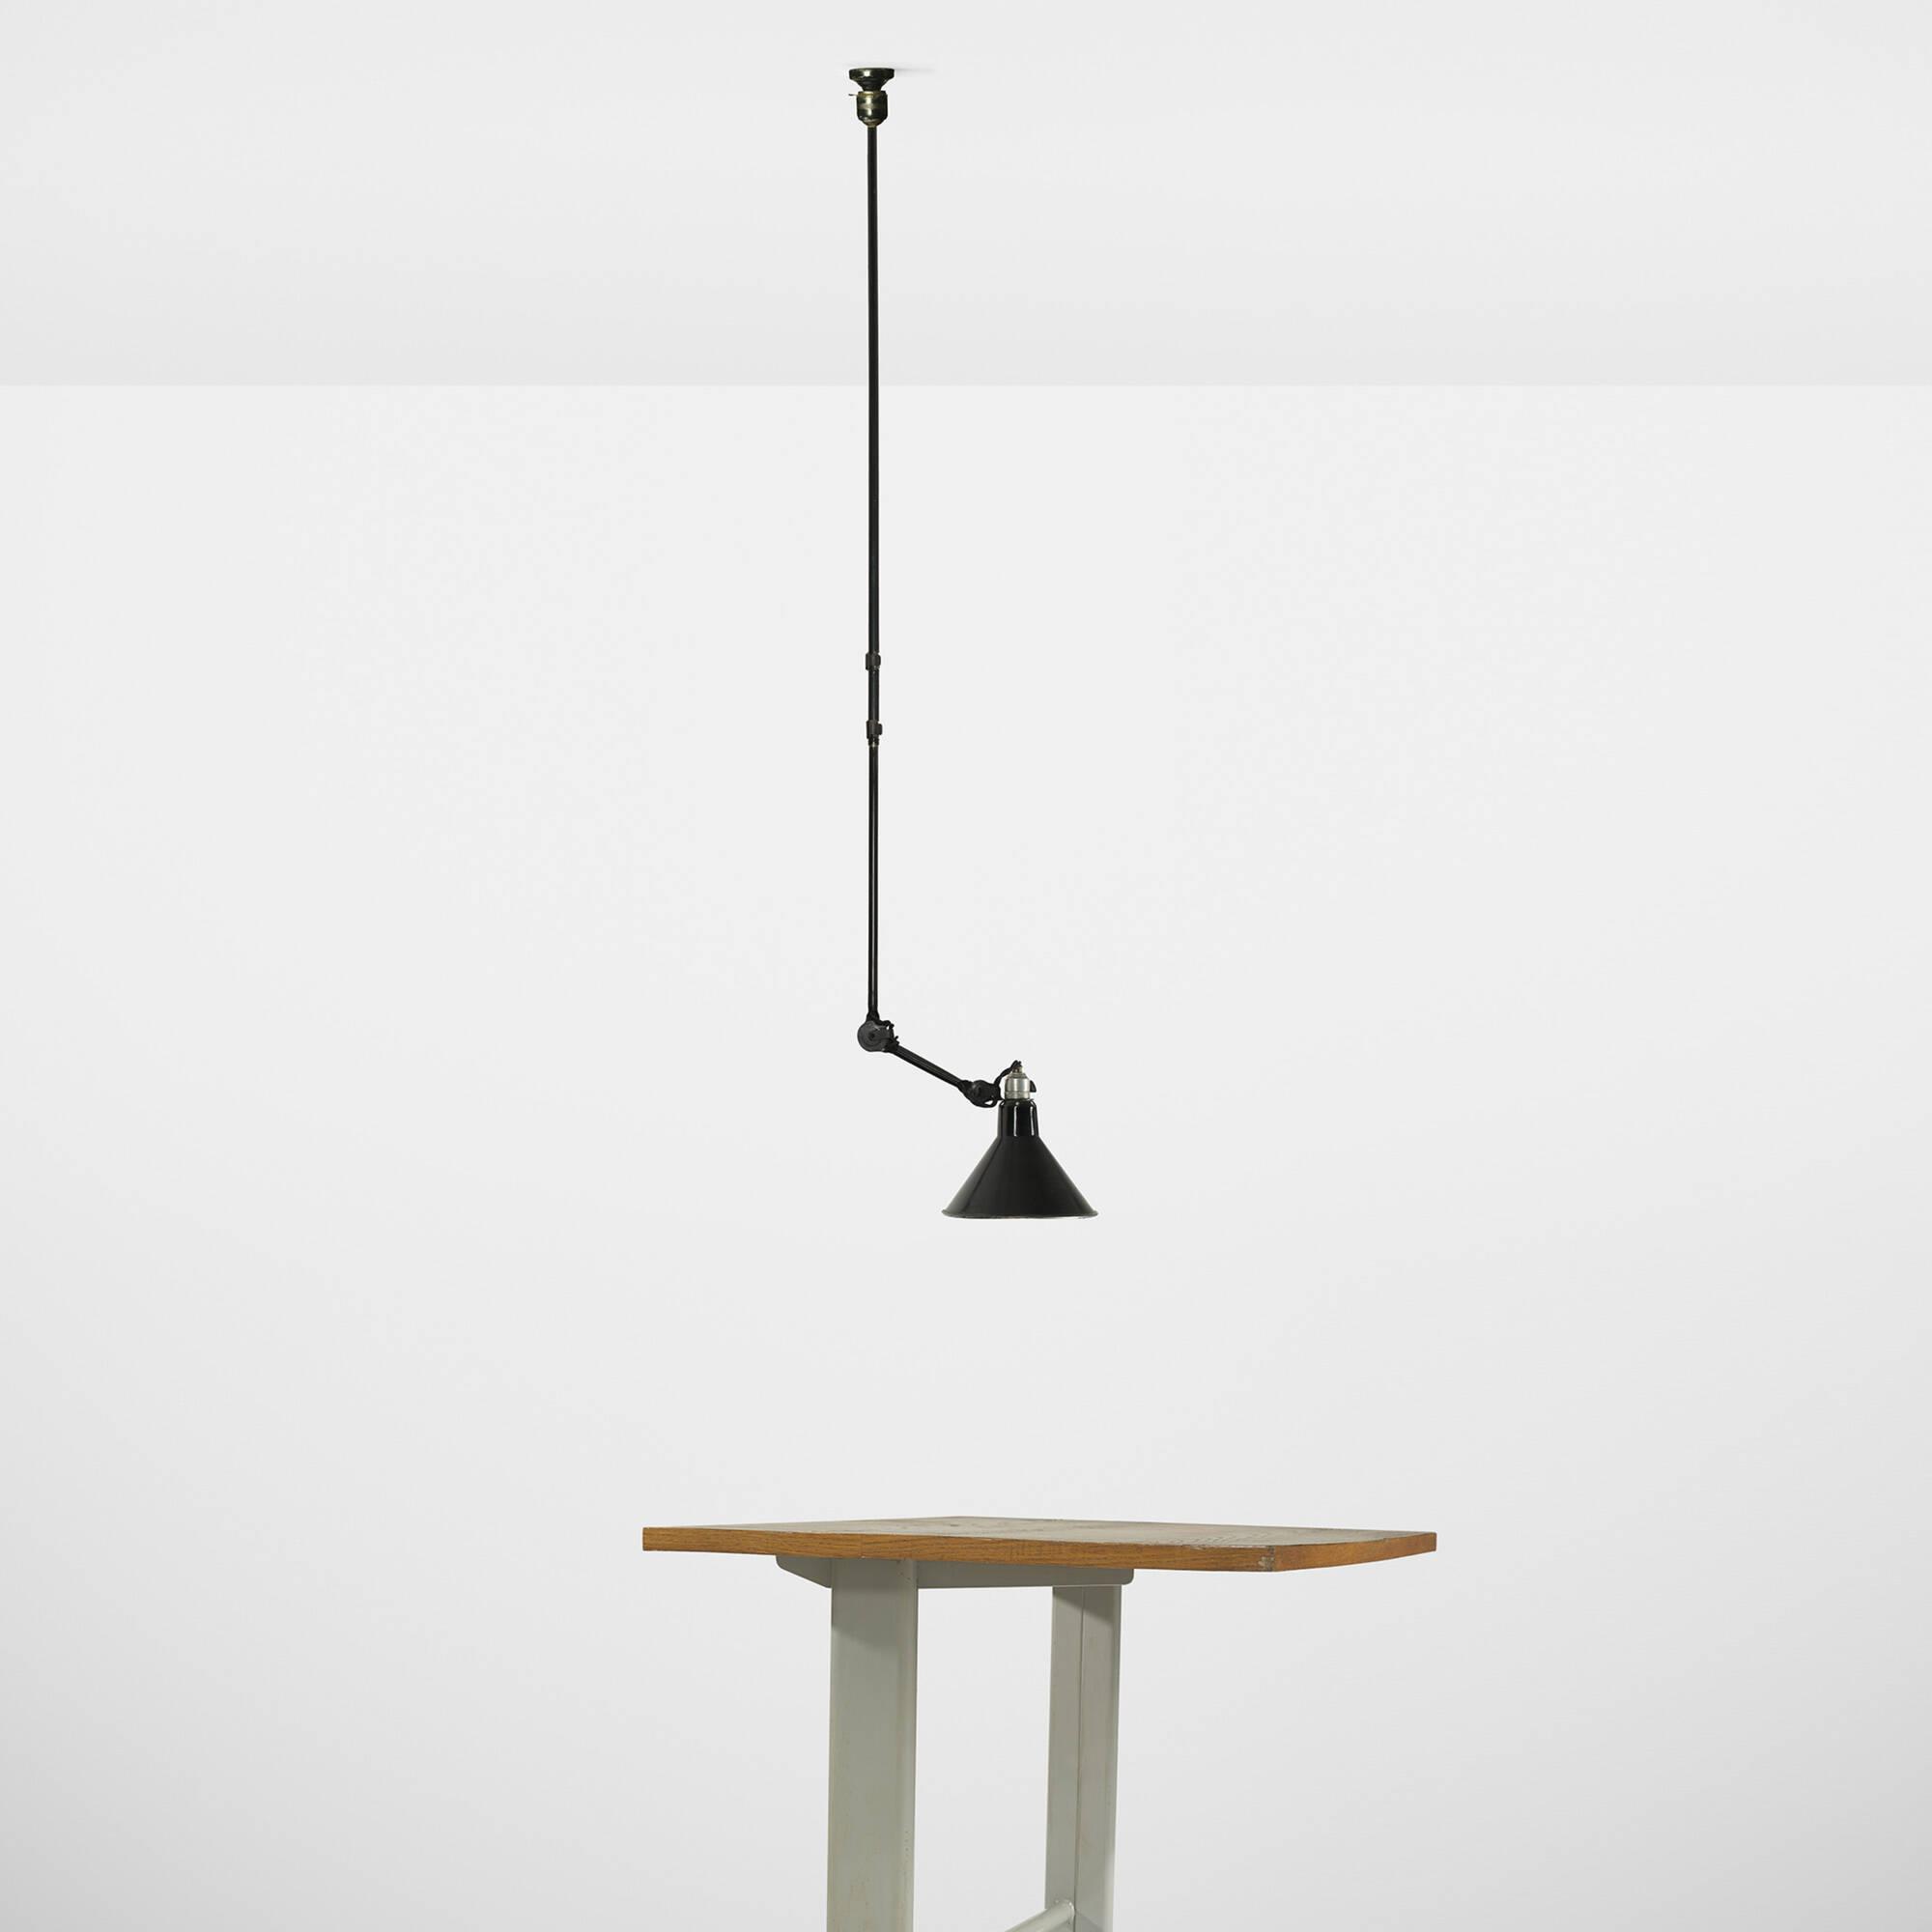 104: BERNARD-ALBIN GRAS, hanging lamp, model 302 < Design, 12 June ...